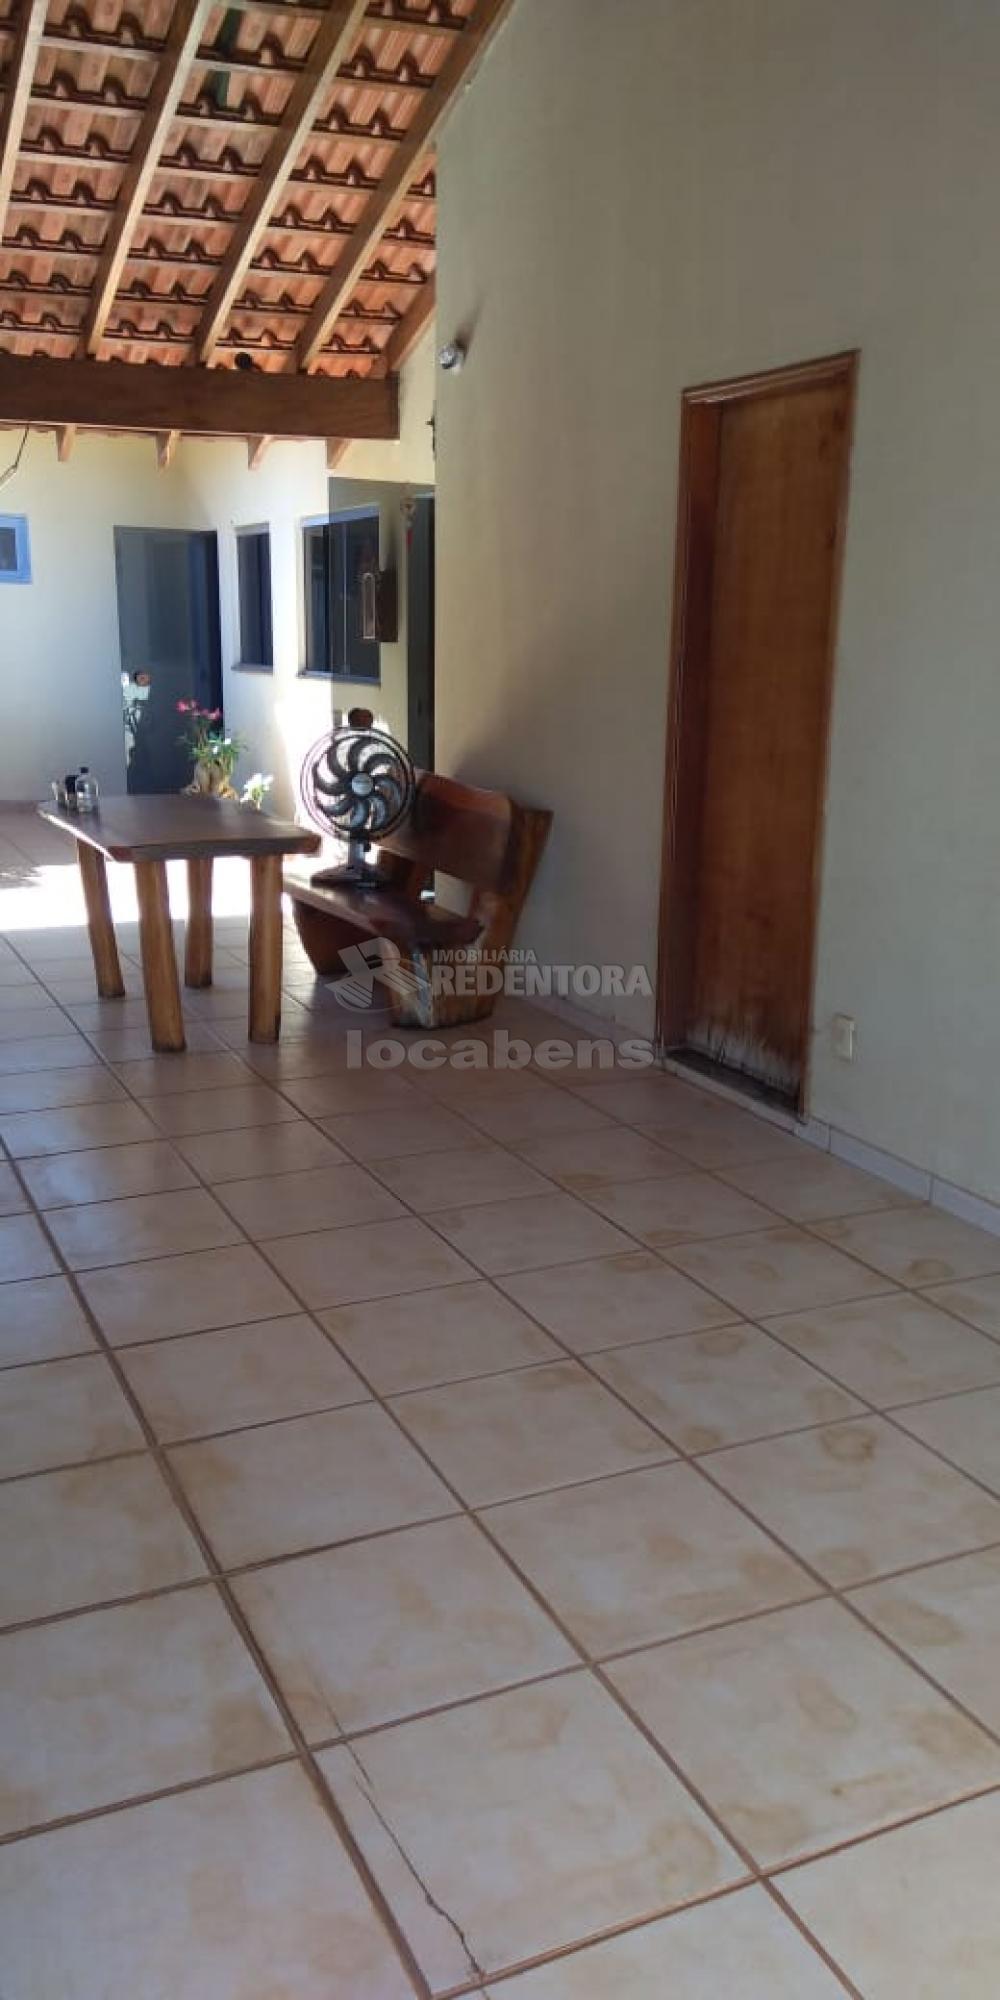 Comprar Casa / Padrão em São José do Rio Preto R$ 350.000,00 - Foto 1